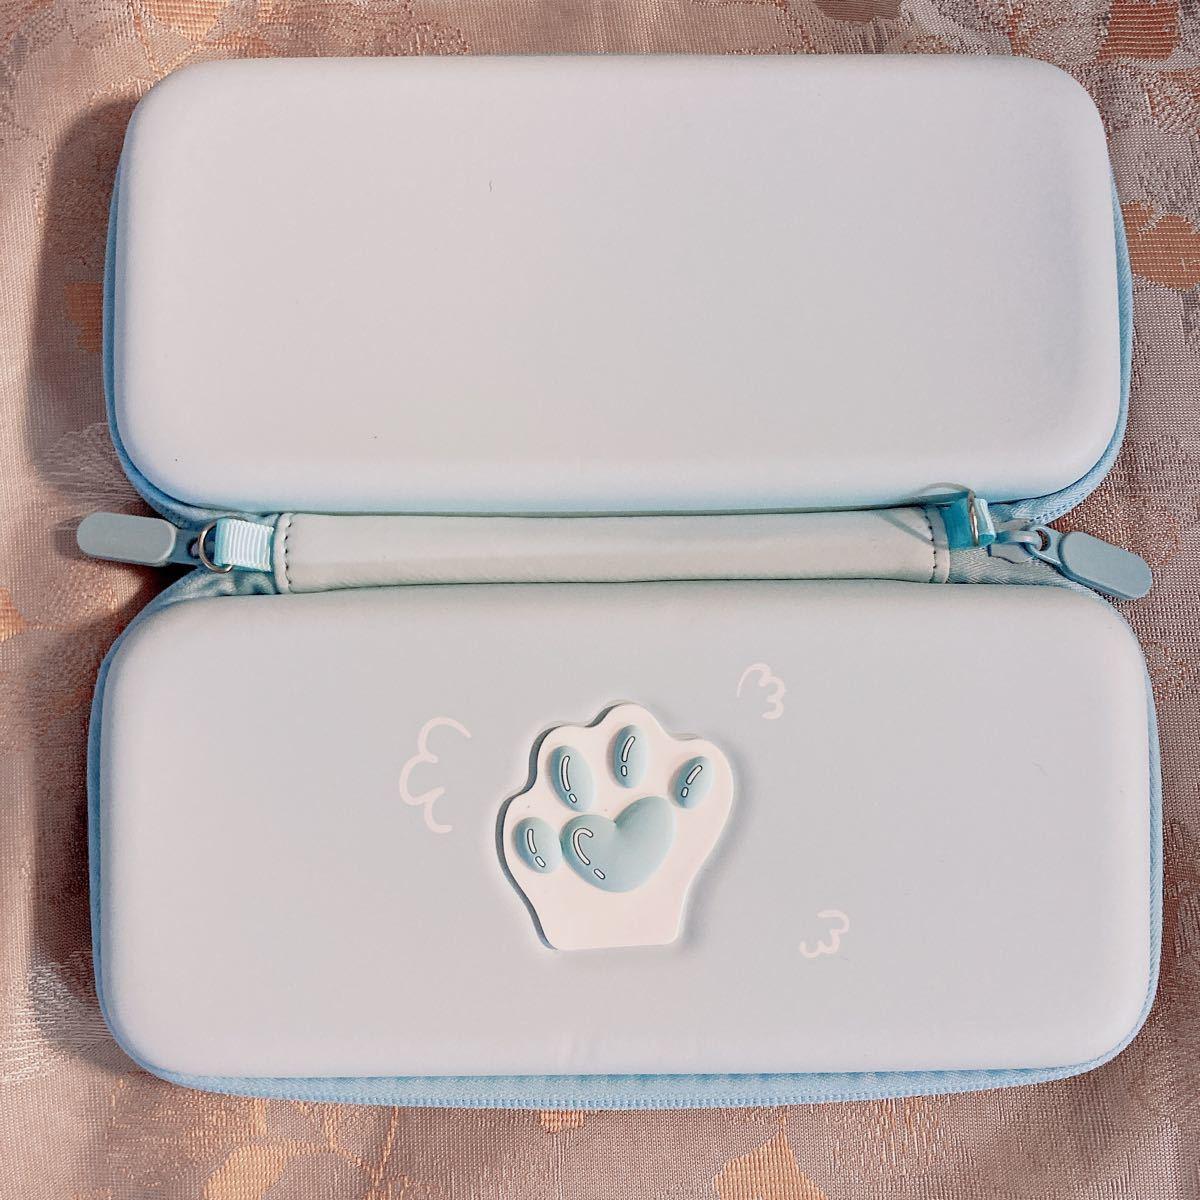 任天堂switch Lite収納キャリングポーチ ニンテンドースイッチライト猫肉球保護ケース ショルダー&ハンドストラップ付き